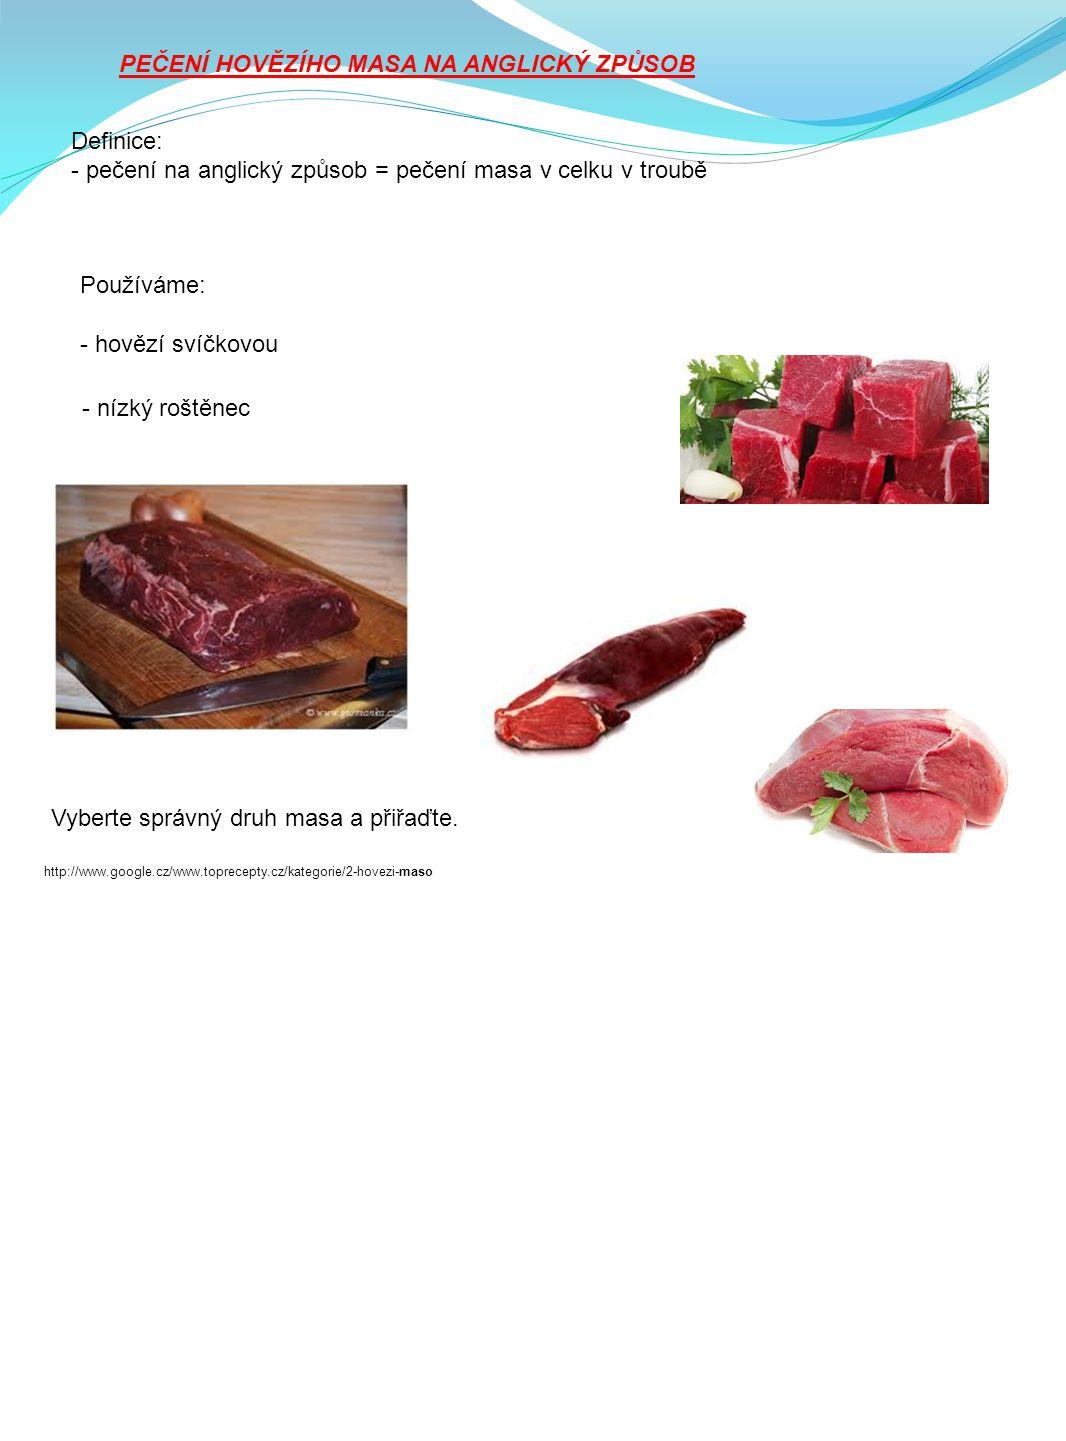 PEČENÍ HOVĚZÍHO MASA NA ANGLICKÝ ZPŮSOB Definice: - pečení na anglický způsob = pečení masa v celku v troubě Používáme: - hovězí svíčkovou - nízký roštěnec Vyberte správný druh masa a přiřaďte.